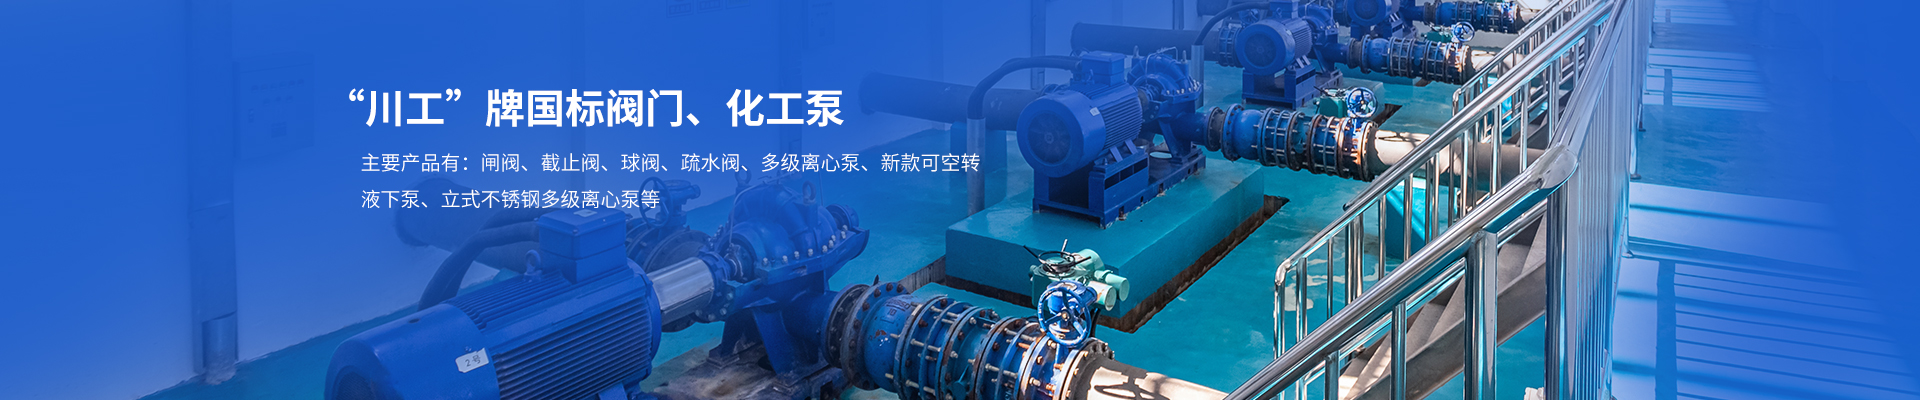 川工泵阀机械无锡有限公司